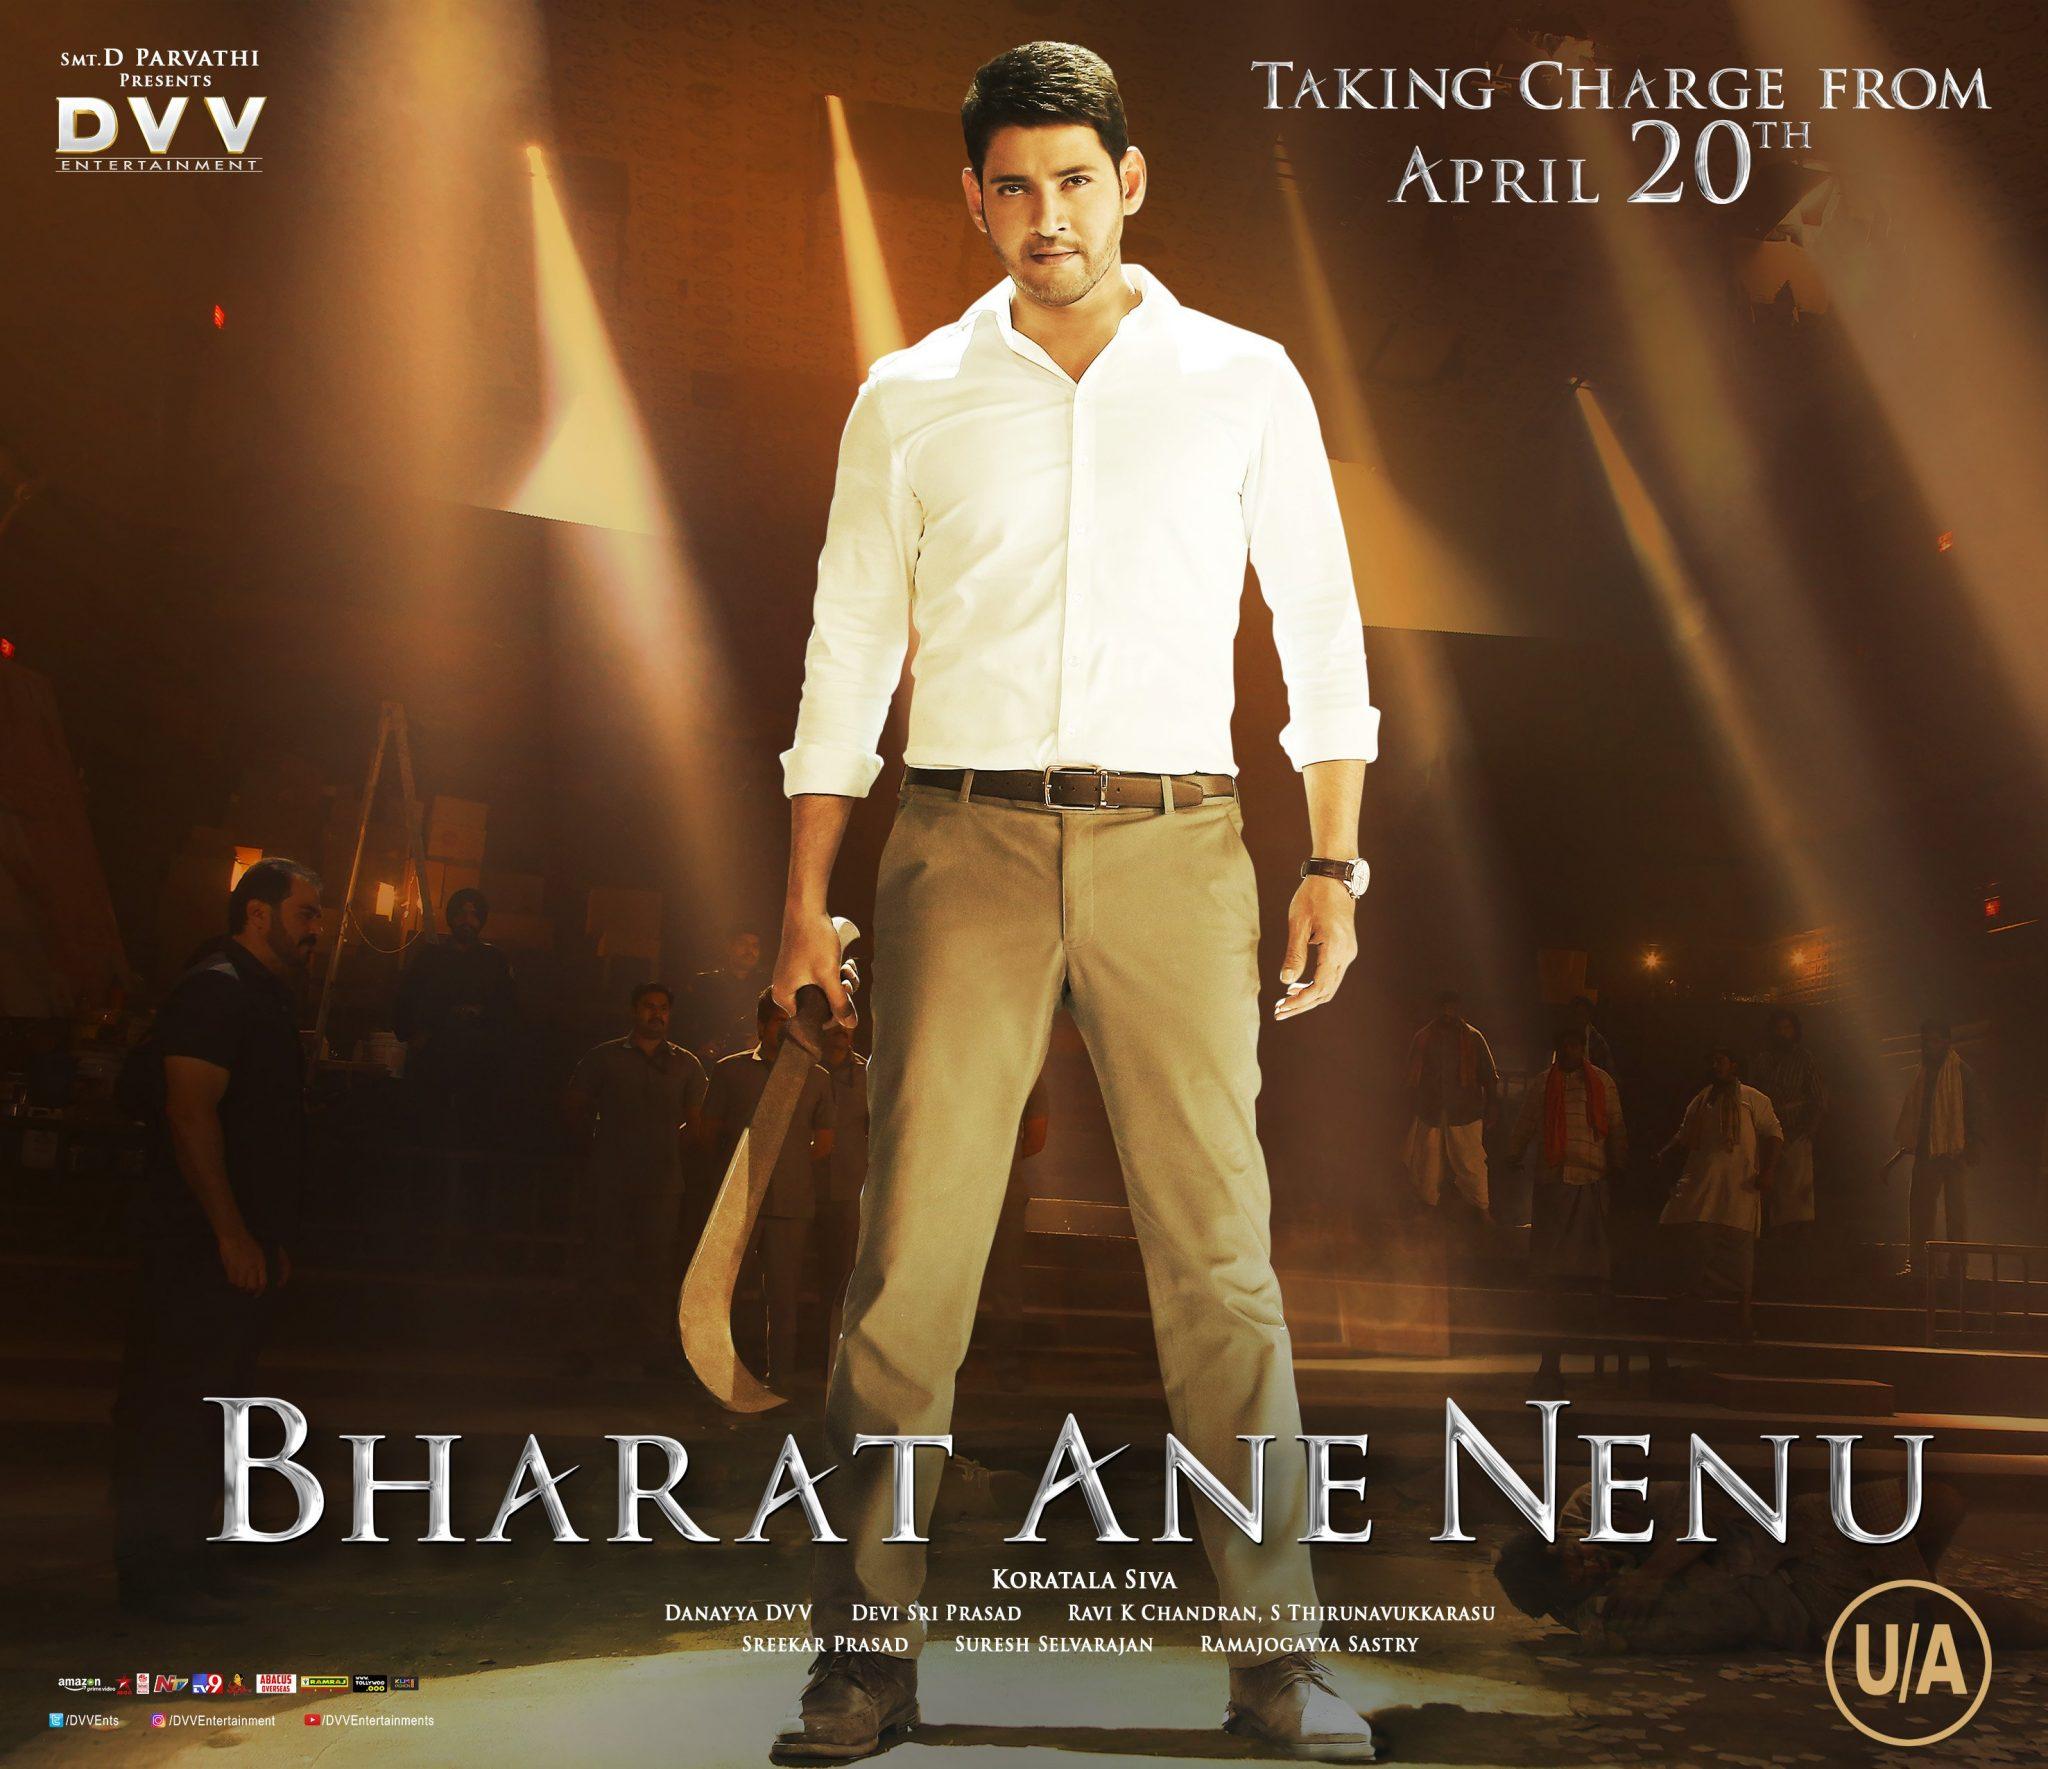 Bharat Ane Nenu Movie Censor Certificate U/A Without Cuts